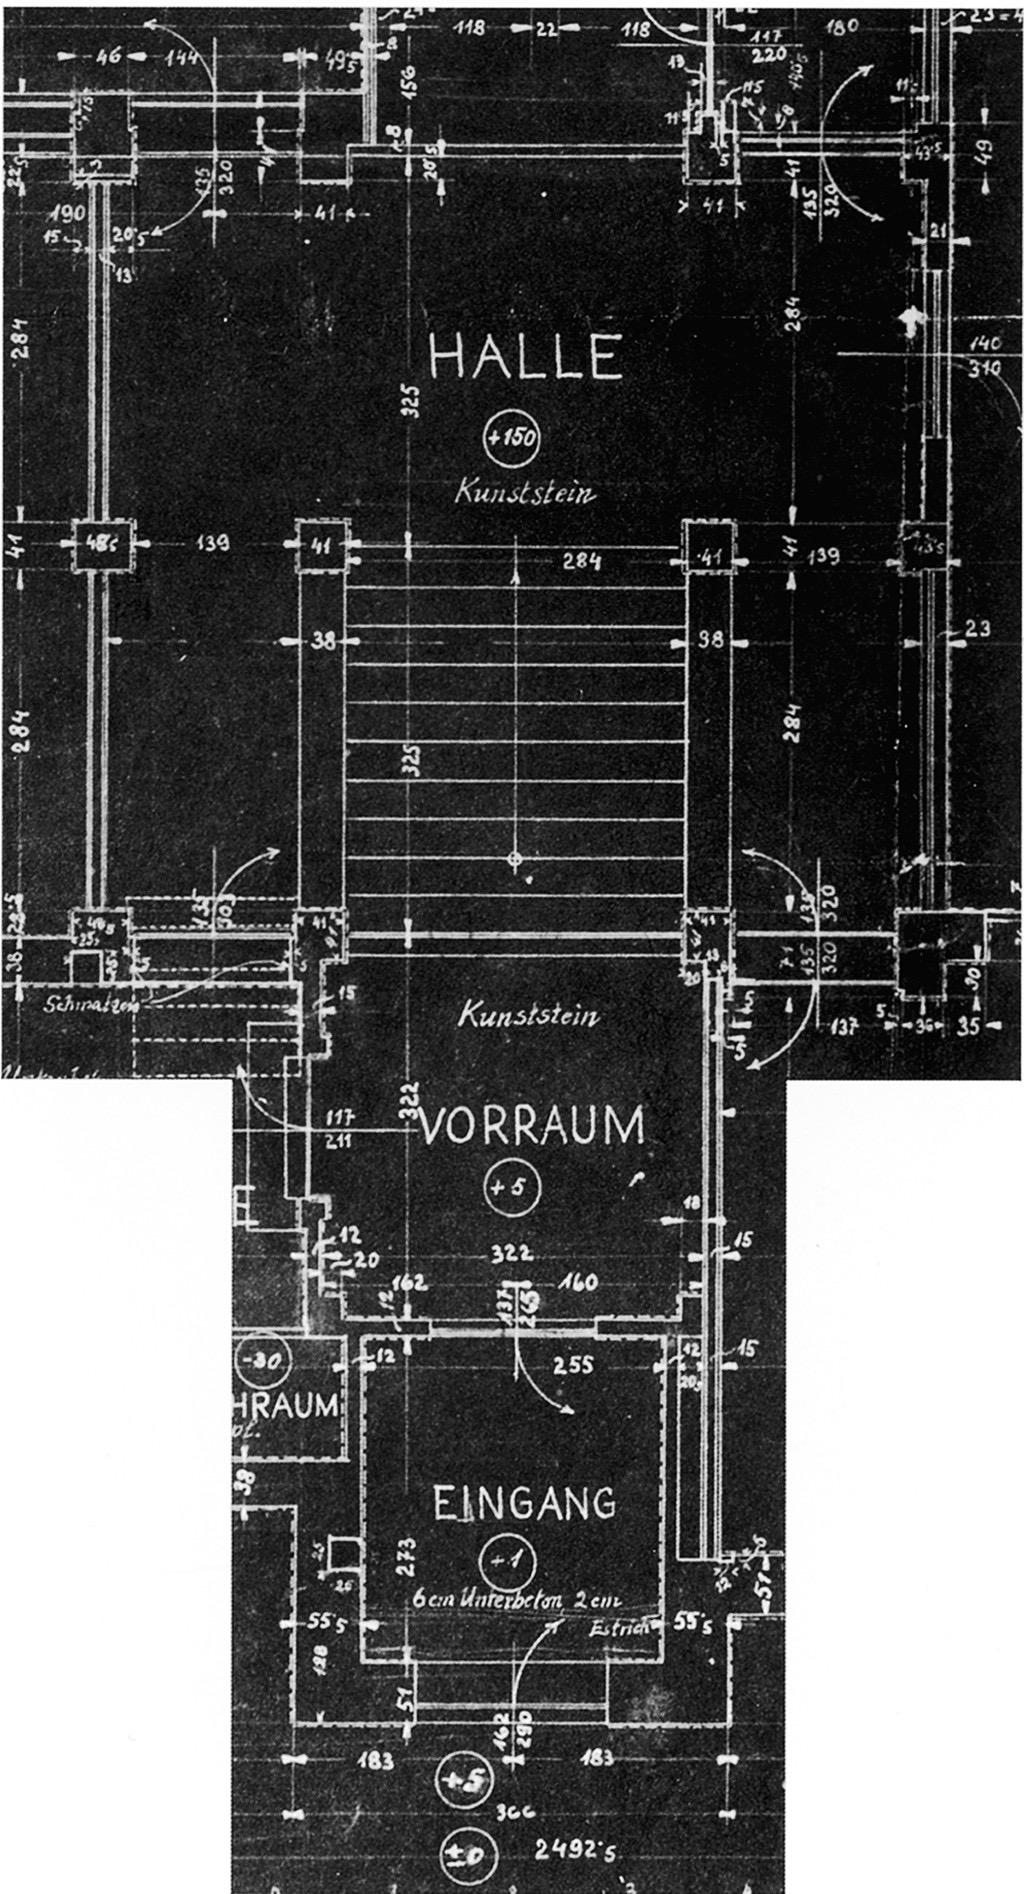 路德维希·维特根斯坦 | 平面图,维特根斯坦宅,维也纳,1928